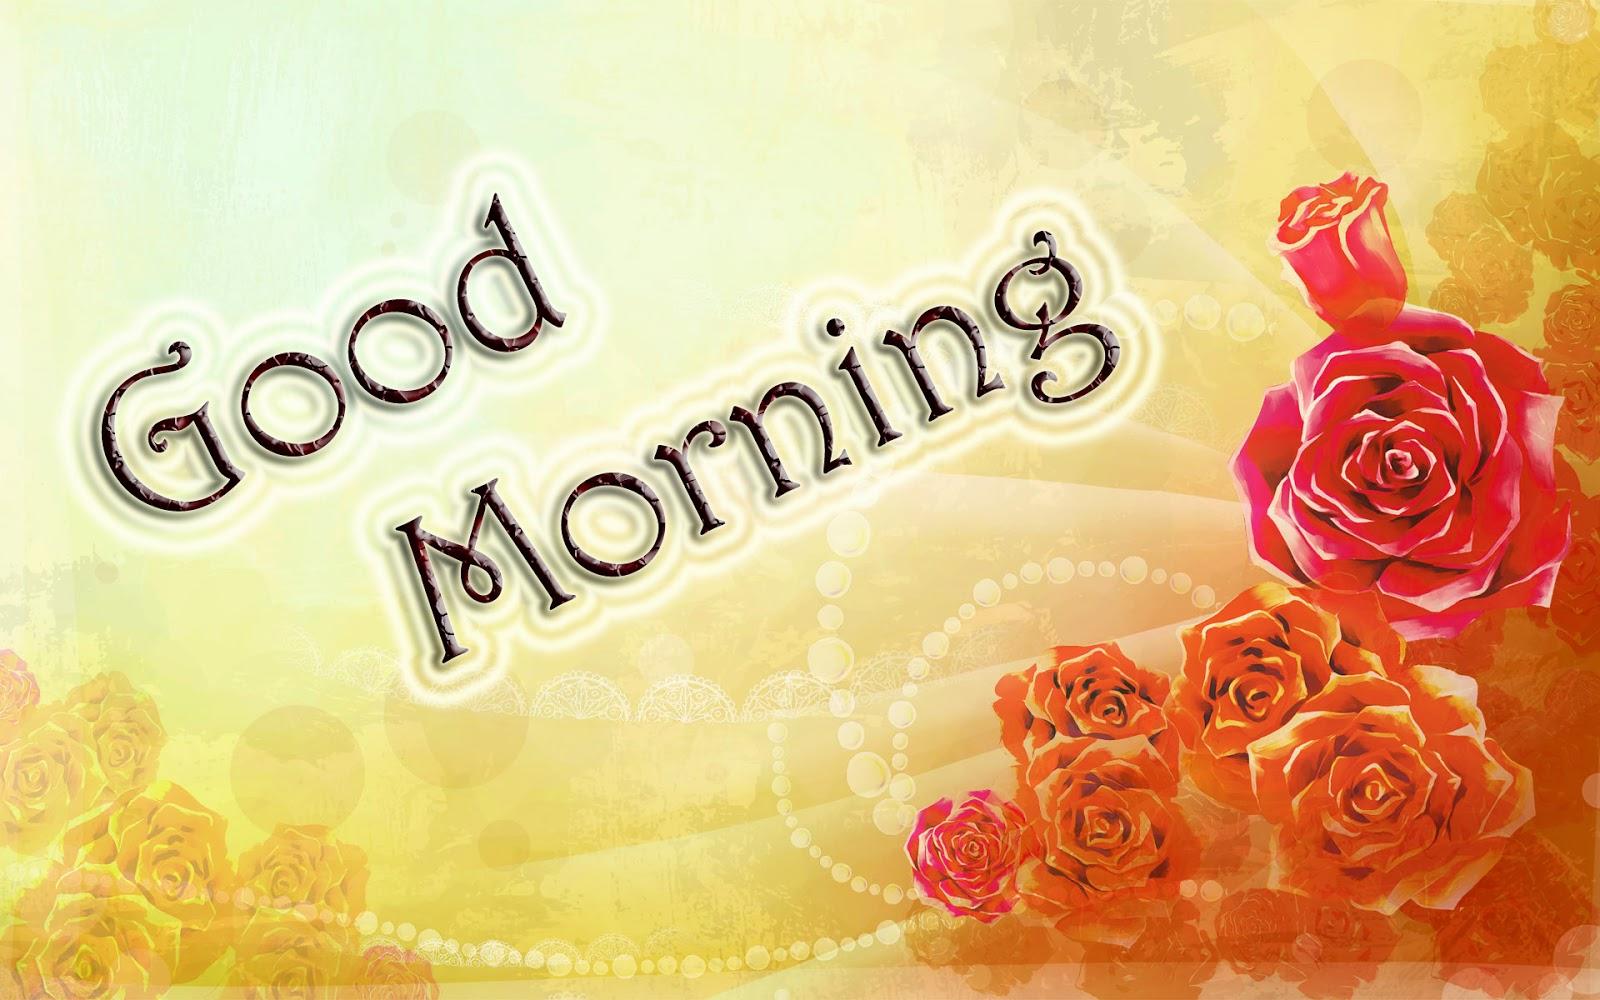 بالصور اجمل صباح الخير , احلي صور لصباح الخير 4891 6